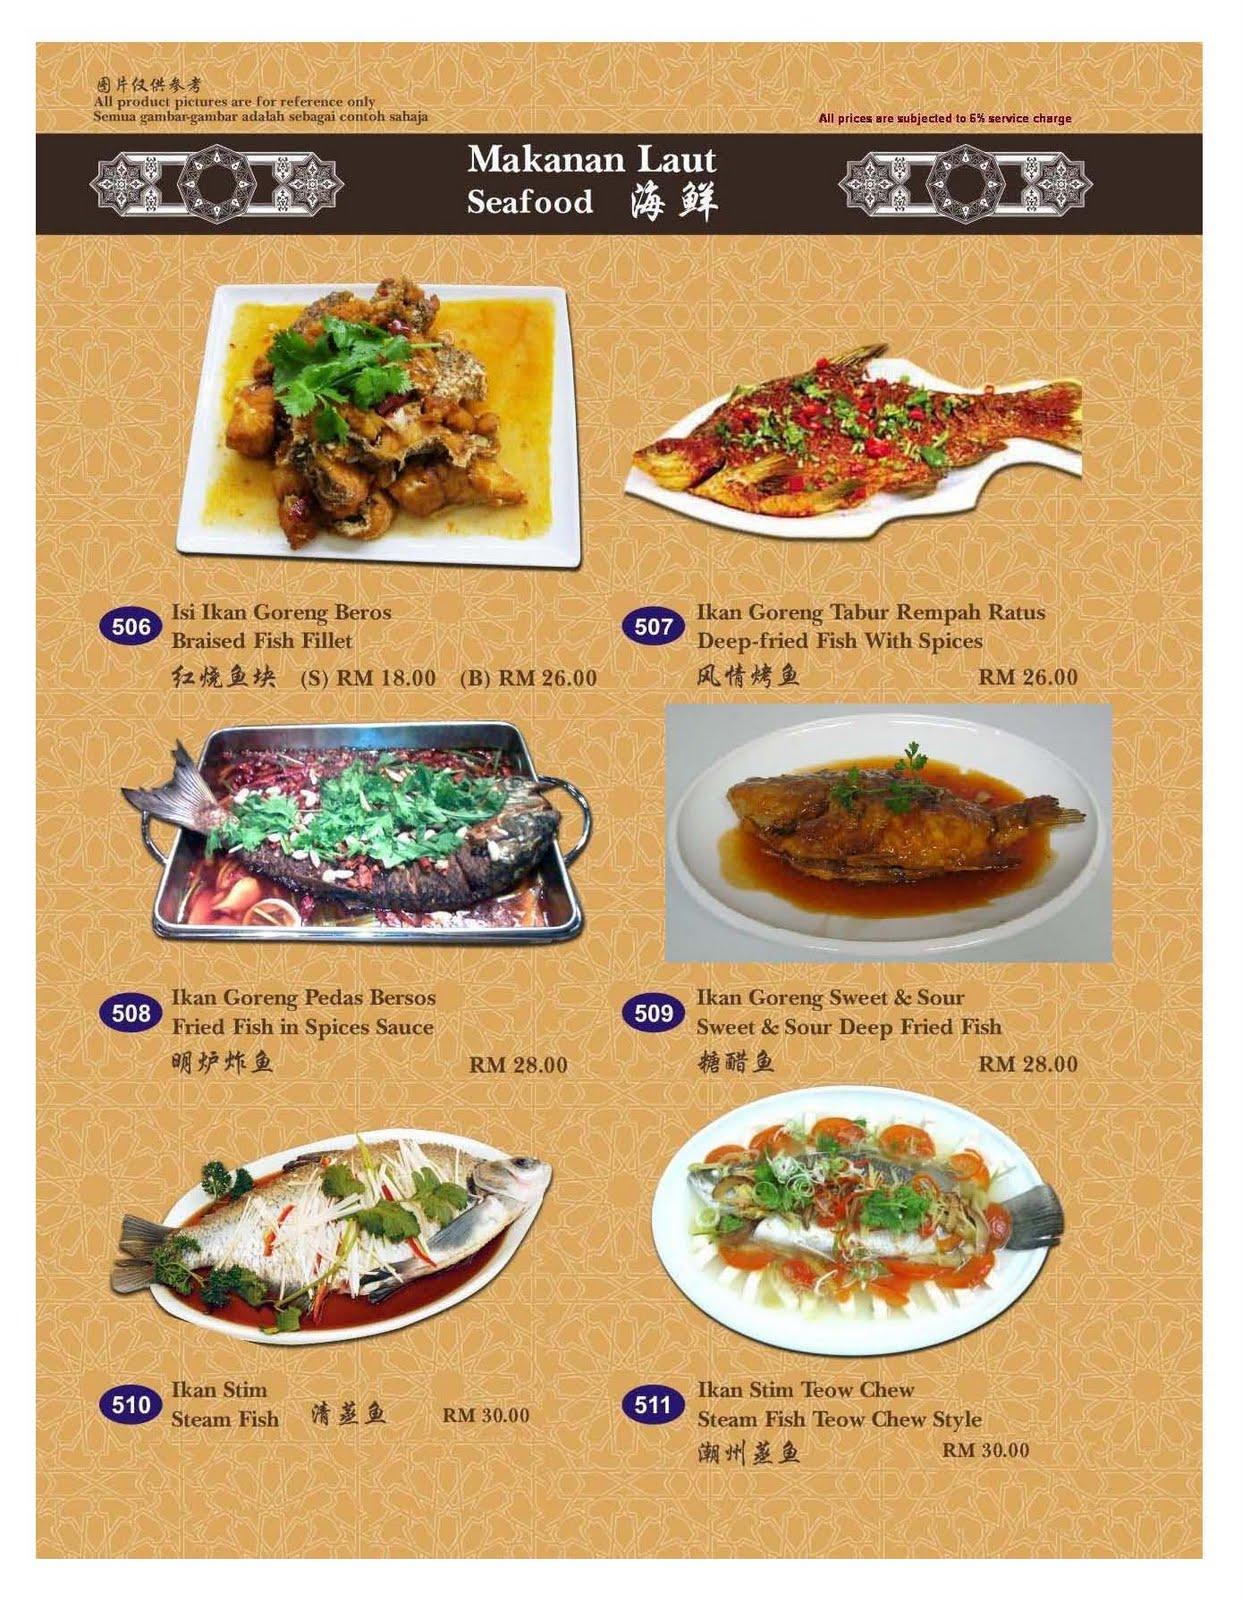 Contoh Brosur Makanan Yang Menarik - Contoh 193